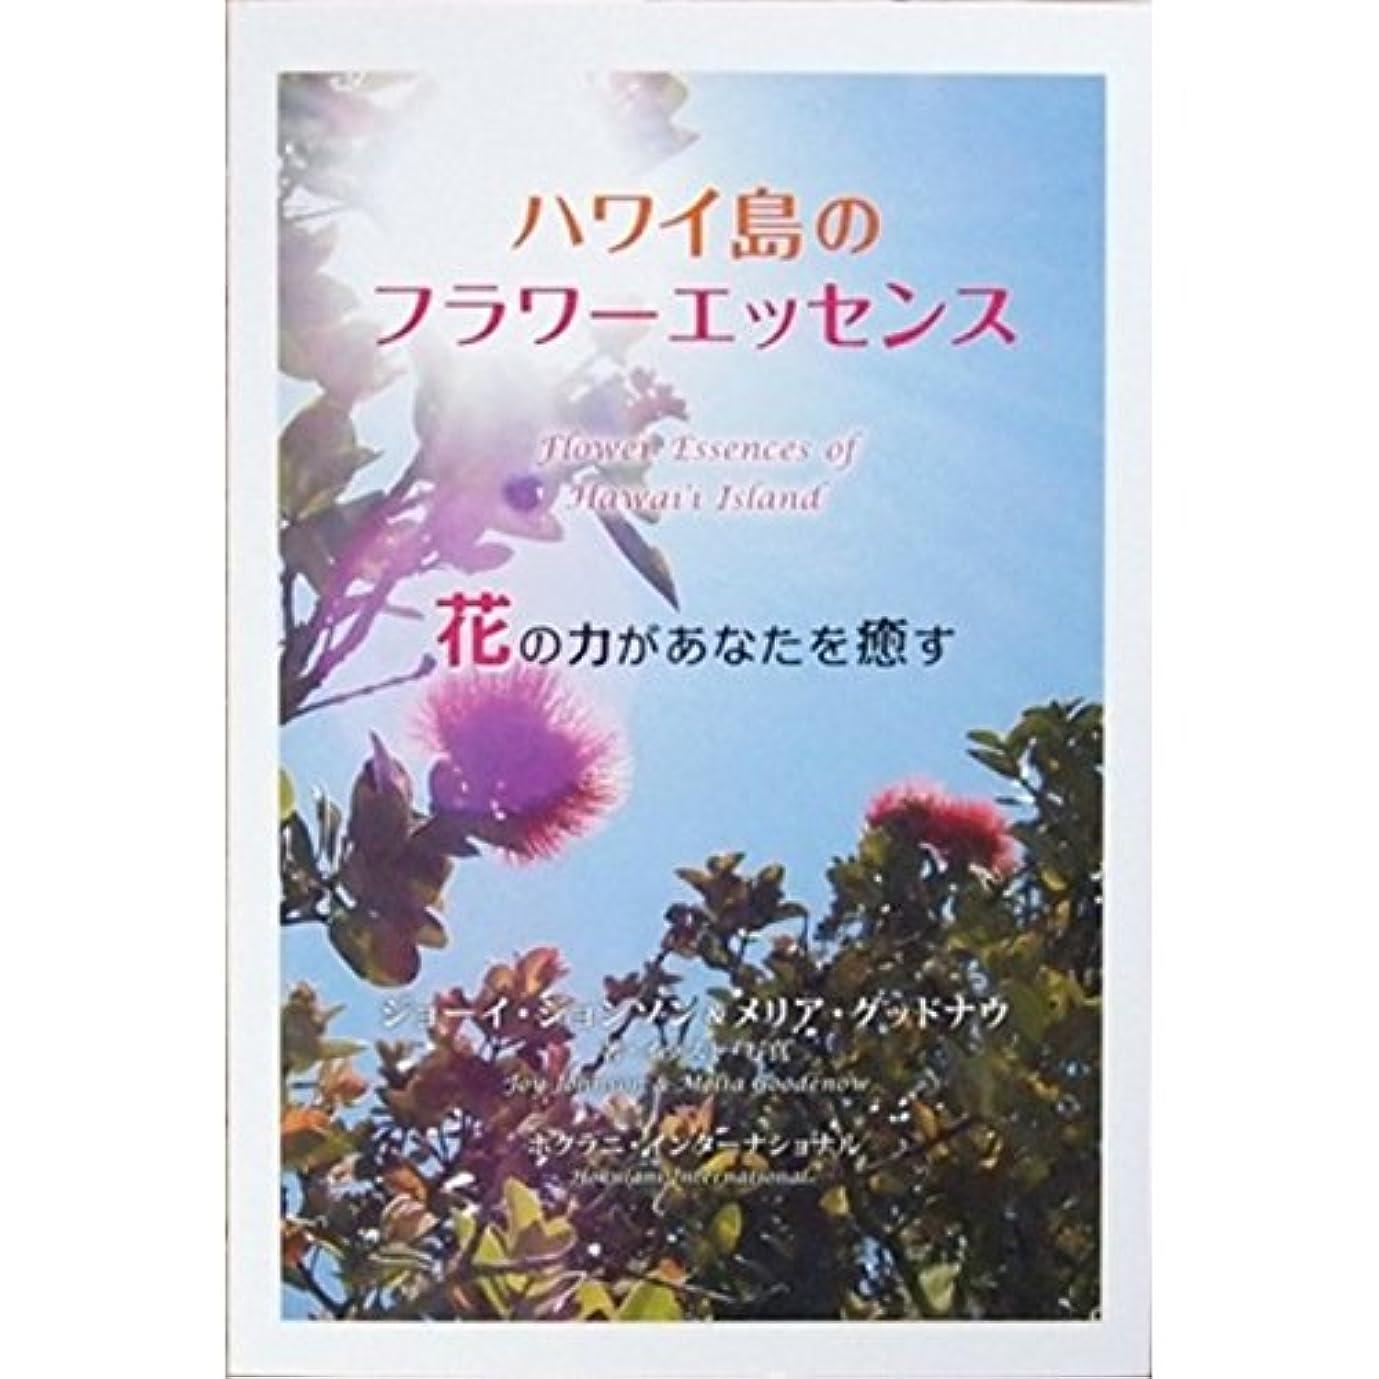 リズミカルな落花生期待してハワイアン レインフォレスト ナチュラルズ 書籍『ハワイ島のフラワーエッセンス 花の力があなたを癒す』